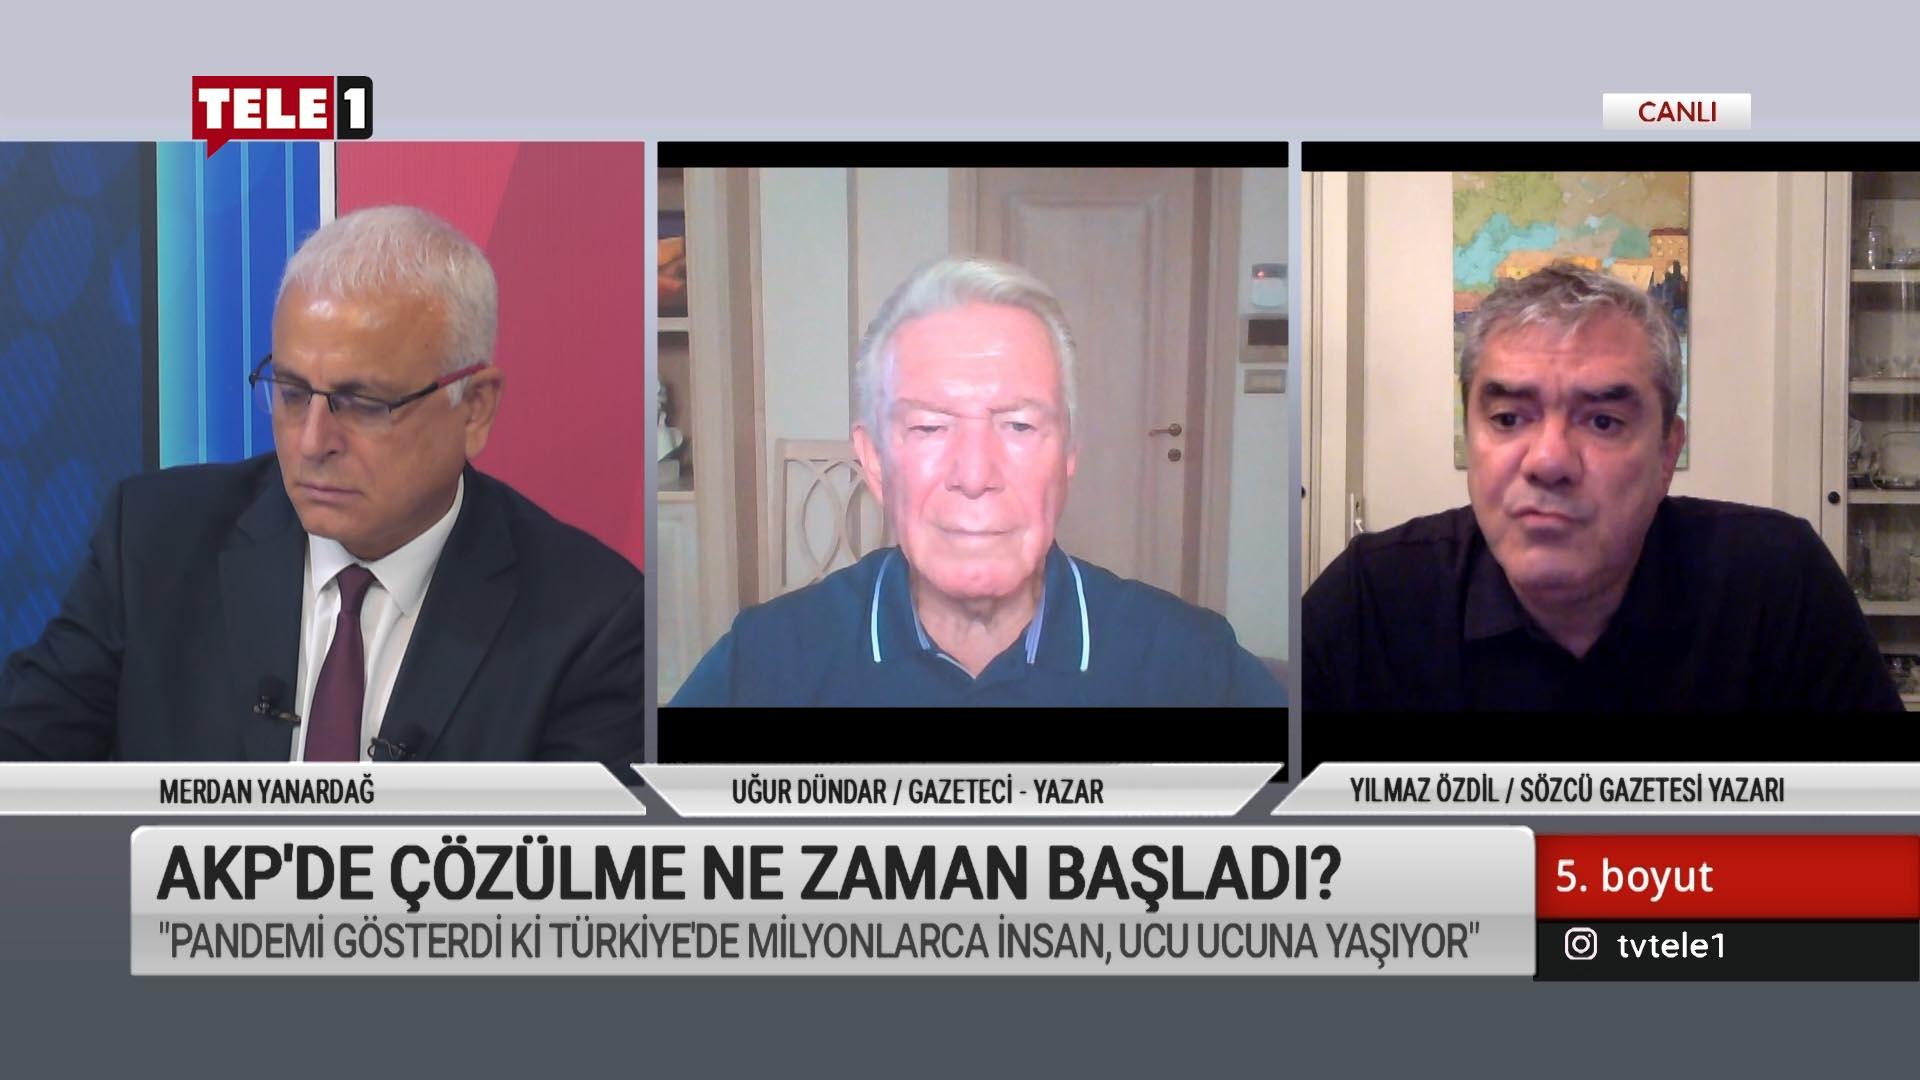 AKP'deki çözülme derinleşiyor!